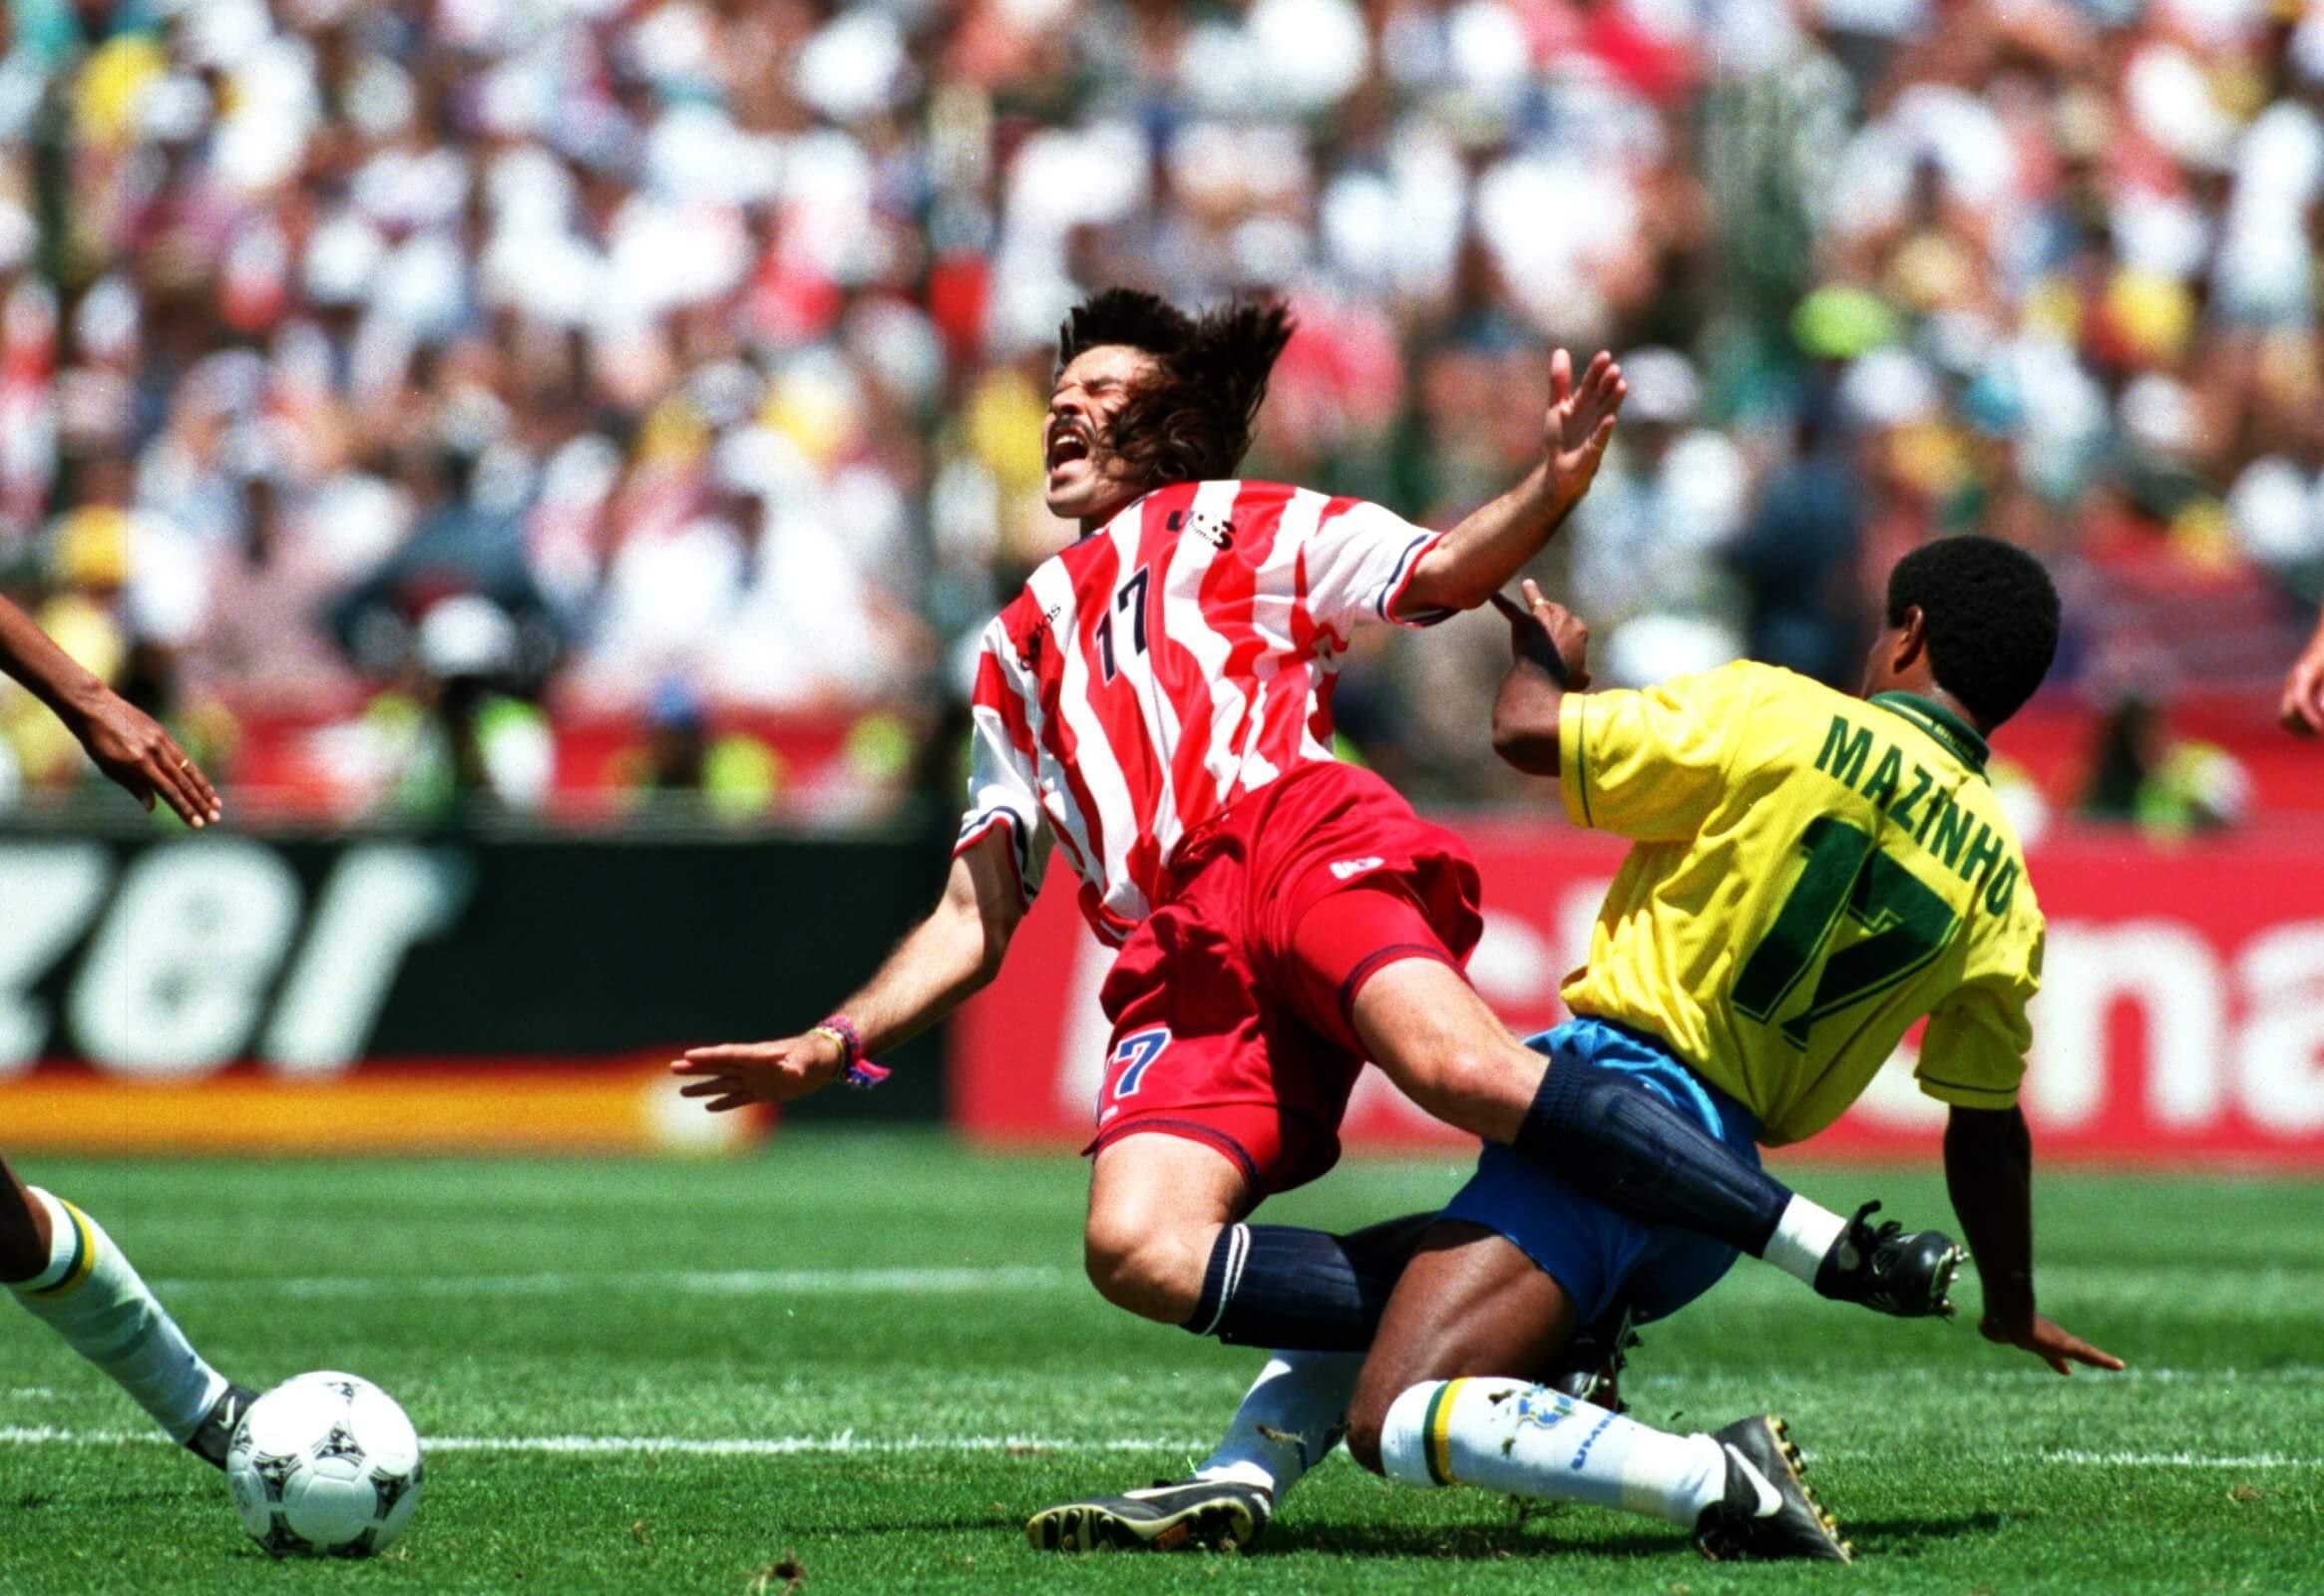 O bom zagueiro Marcelo Balboa divide com Mazinho